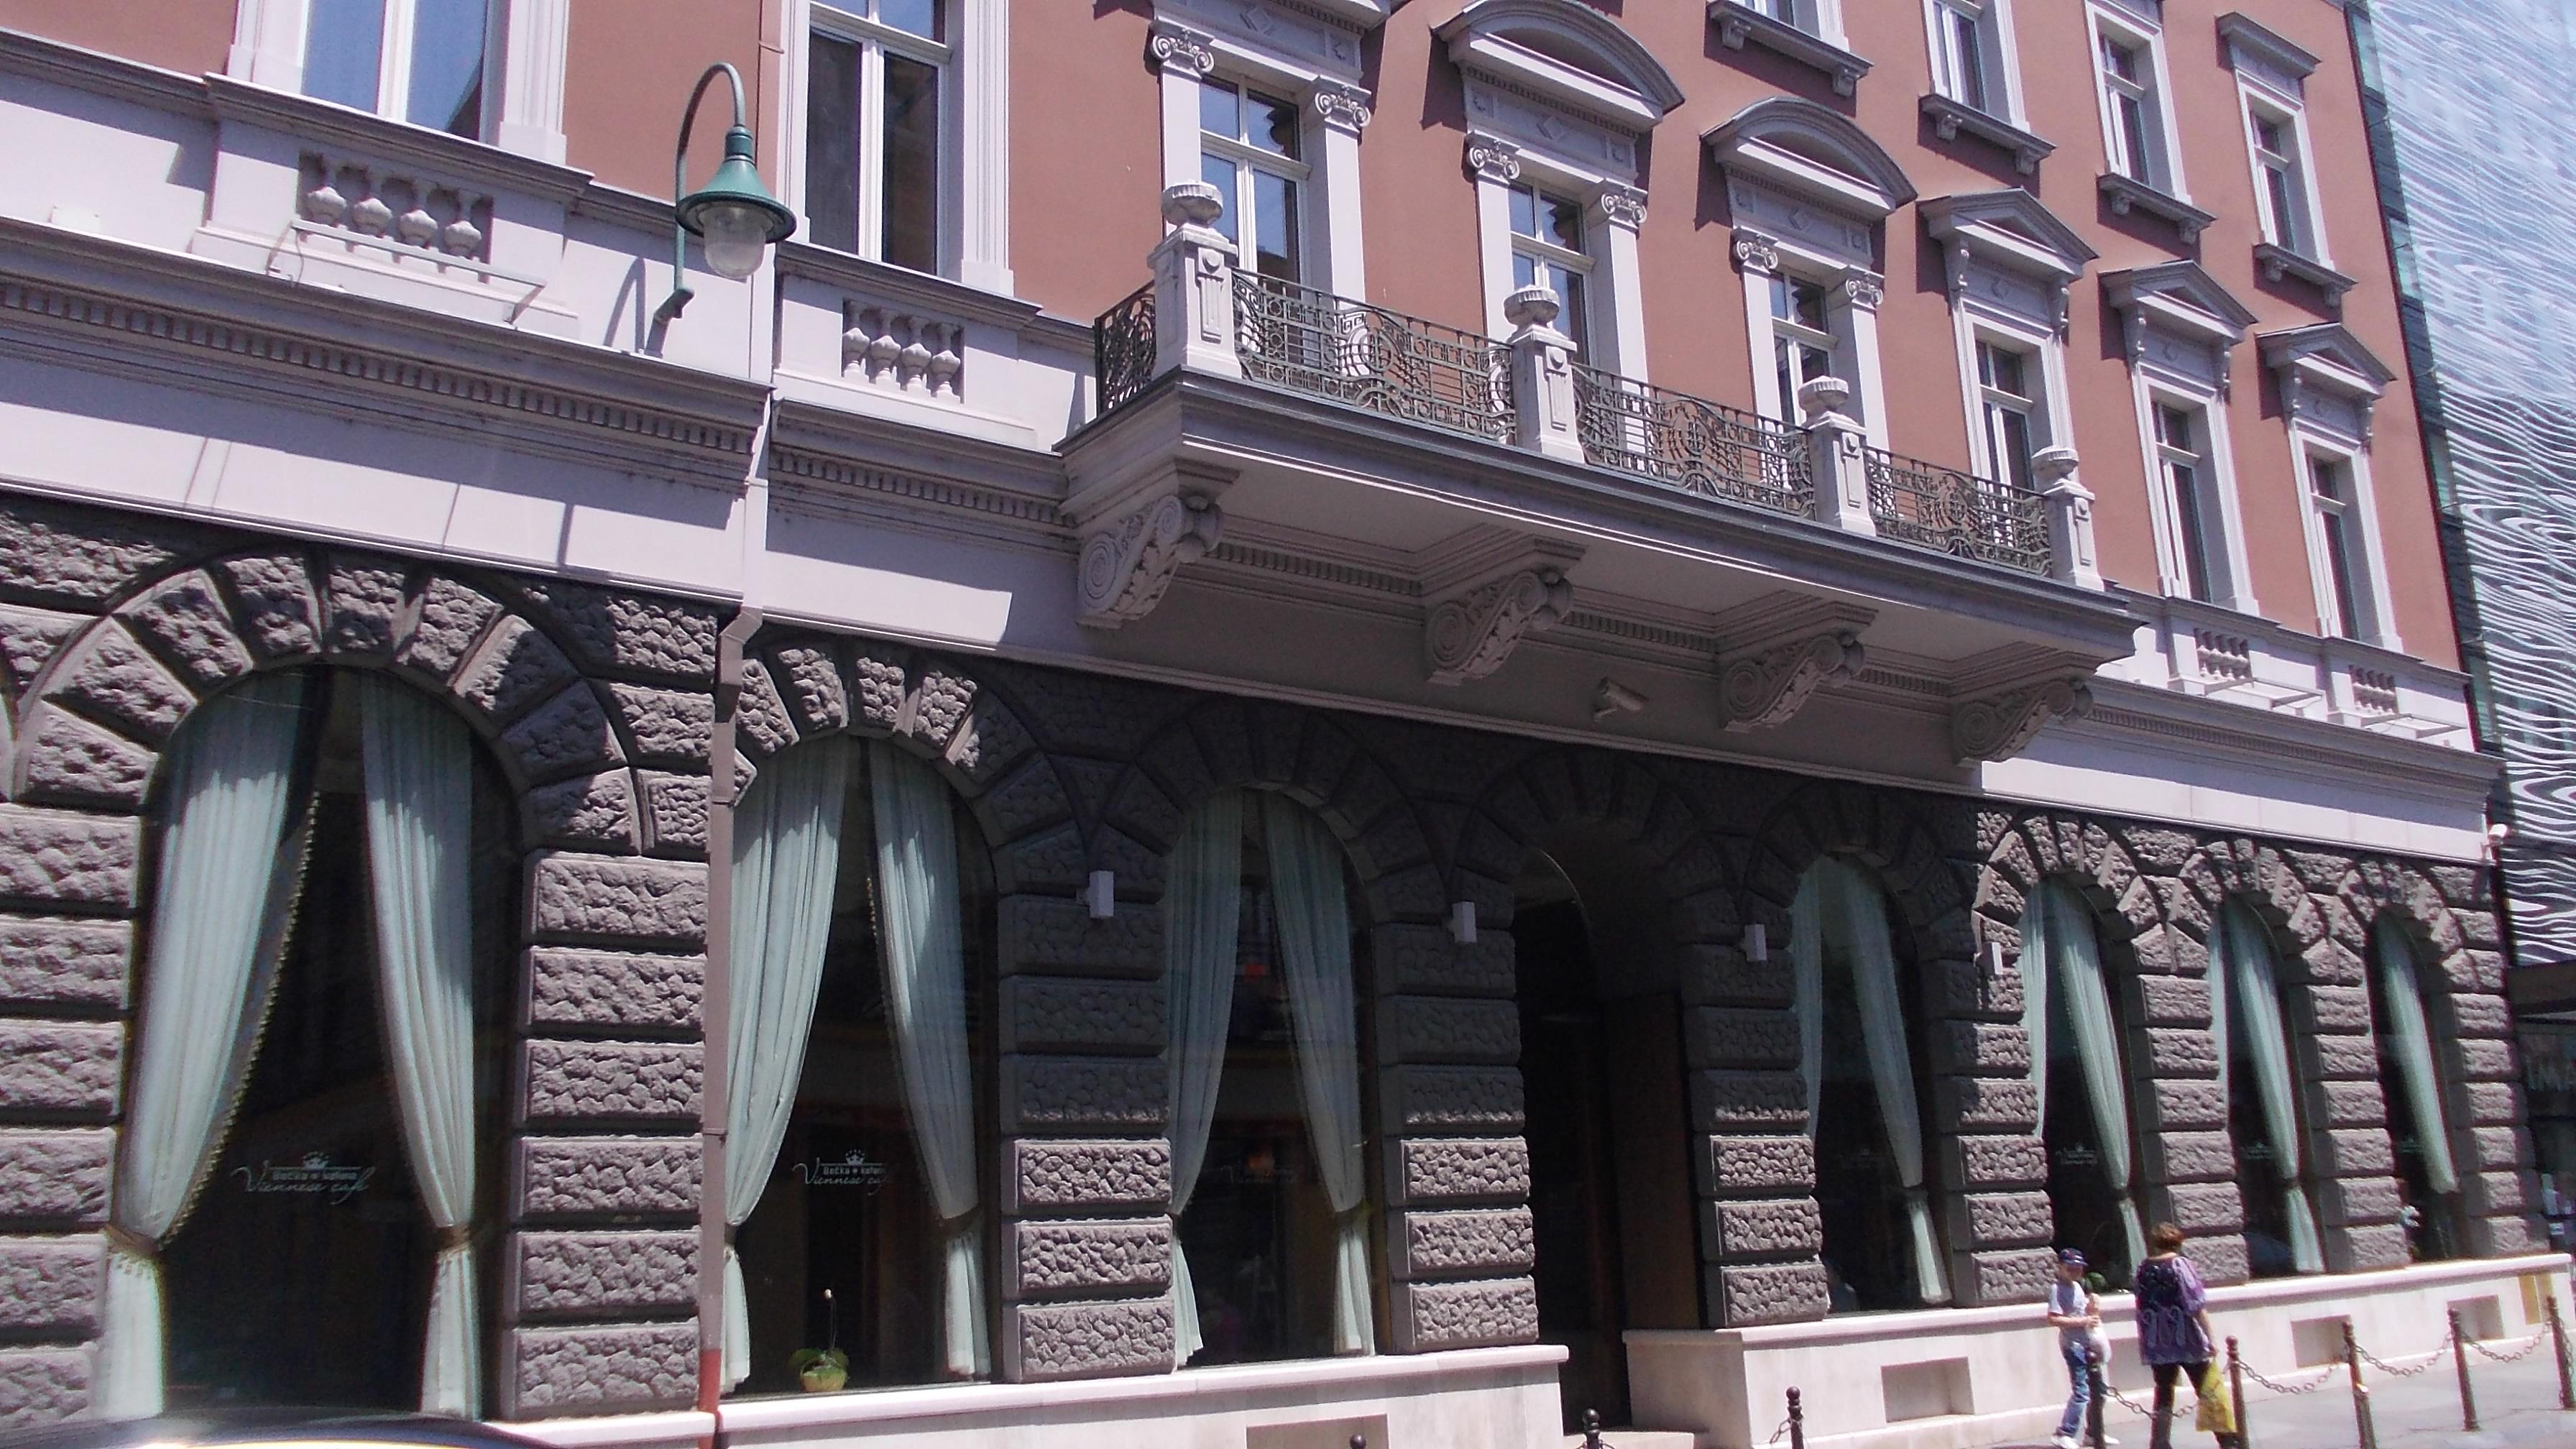 FileHotel Evropa SarajevoJPG